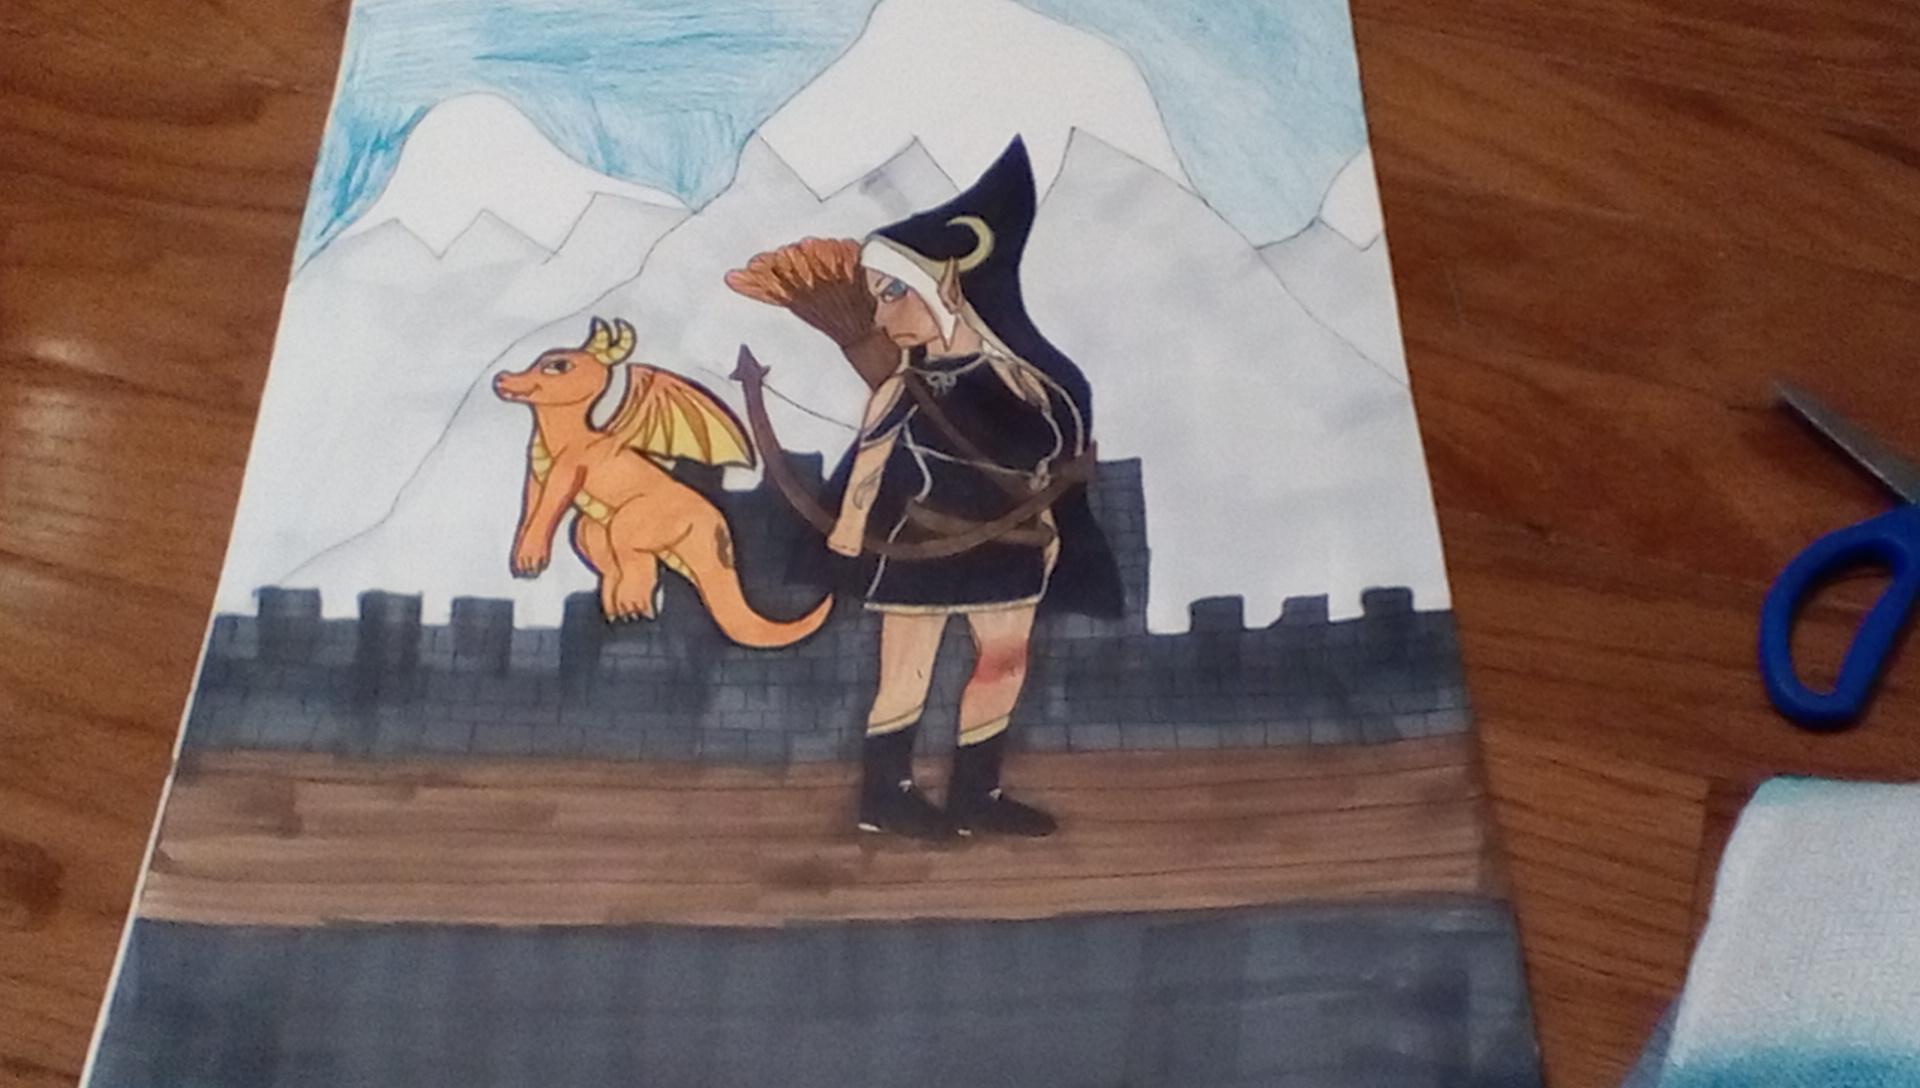 Elf archer with dragon